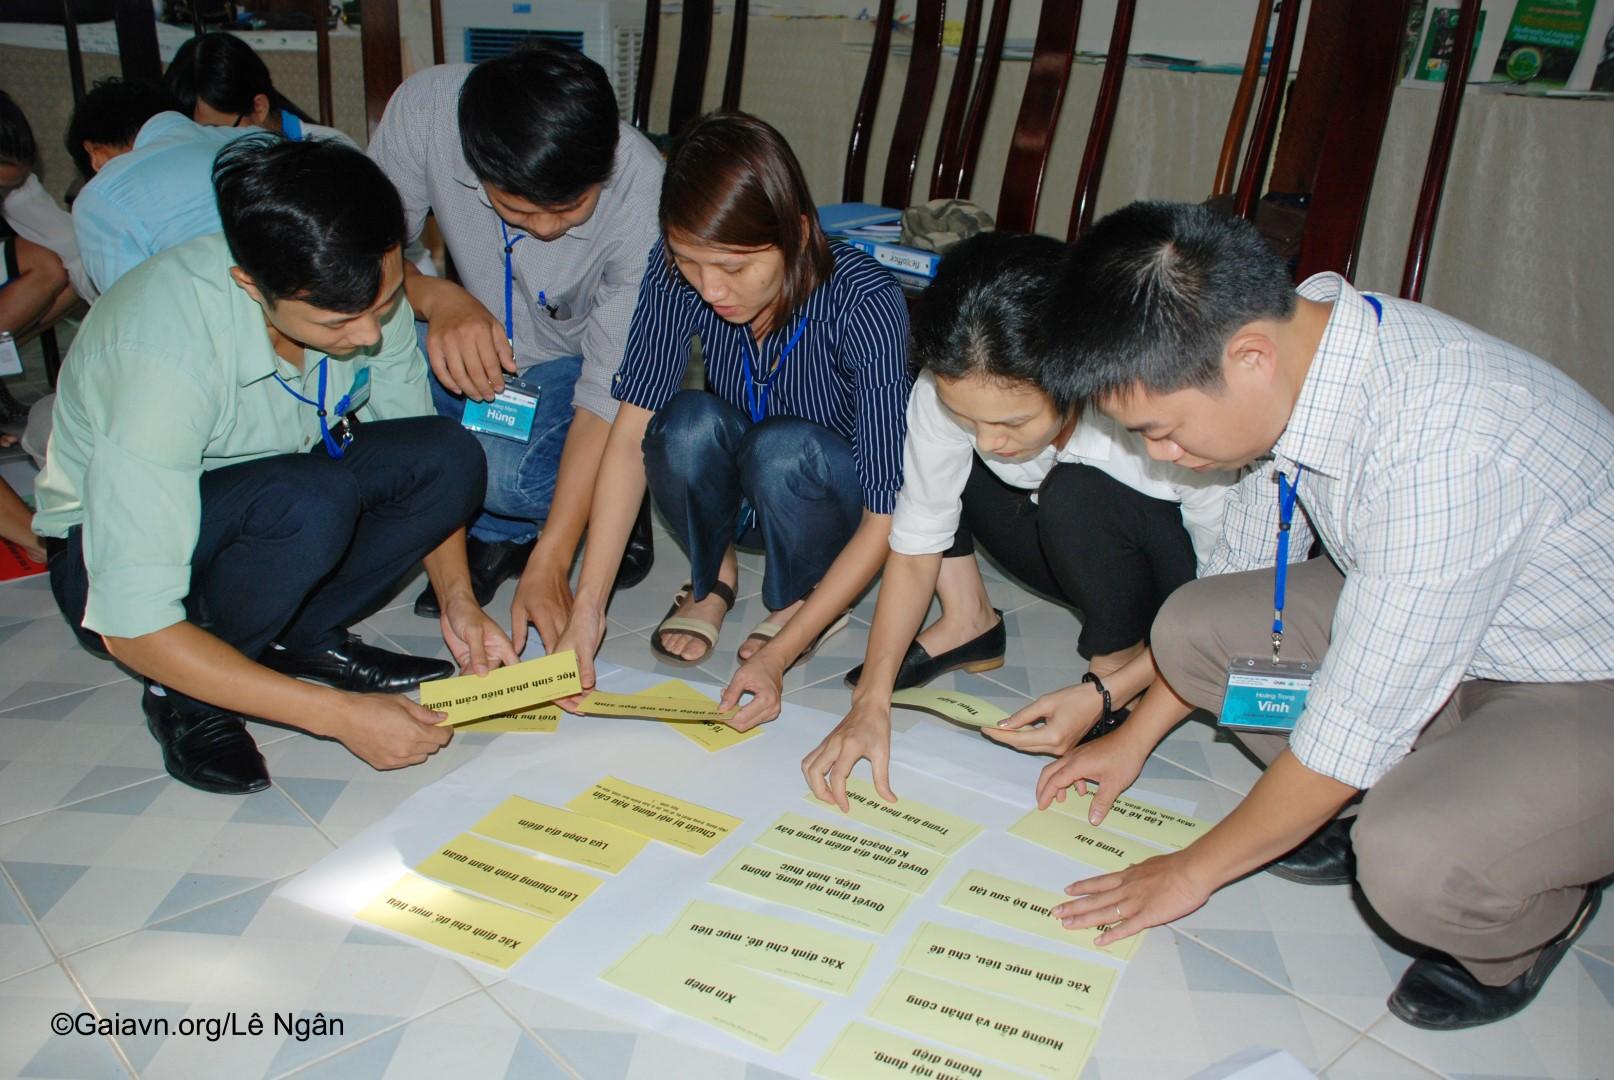 Tìm hiểu các hình thức giáo dục môi trường